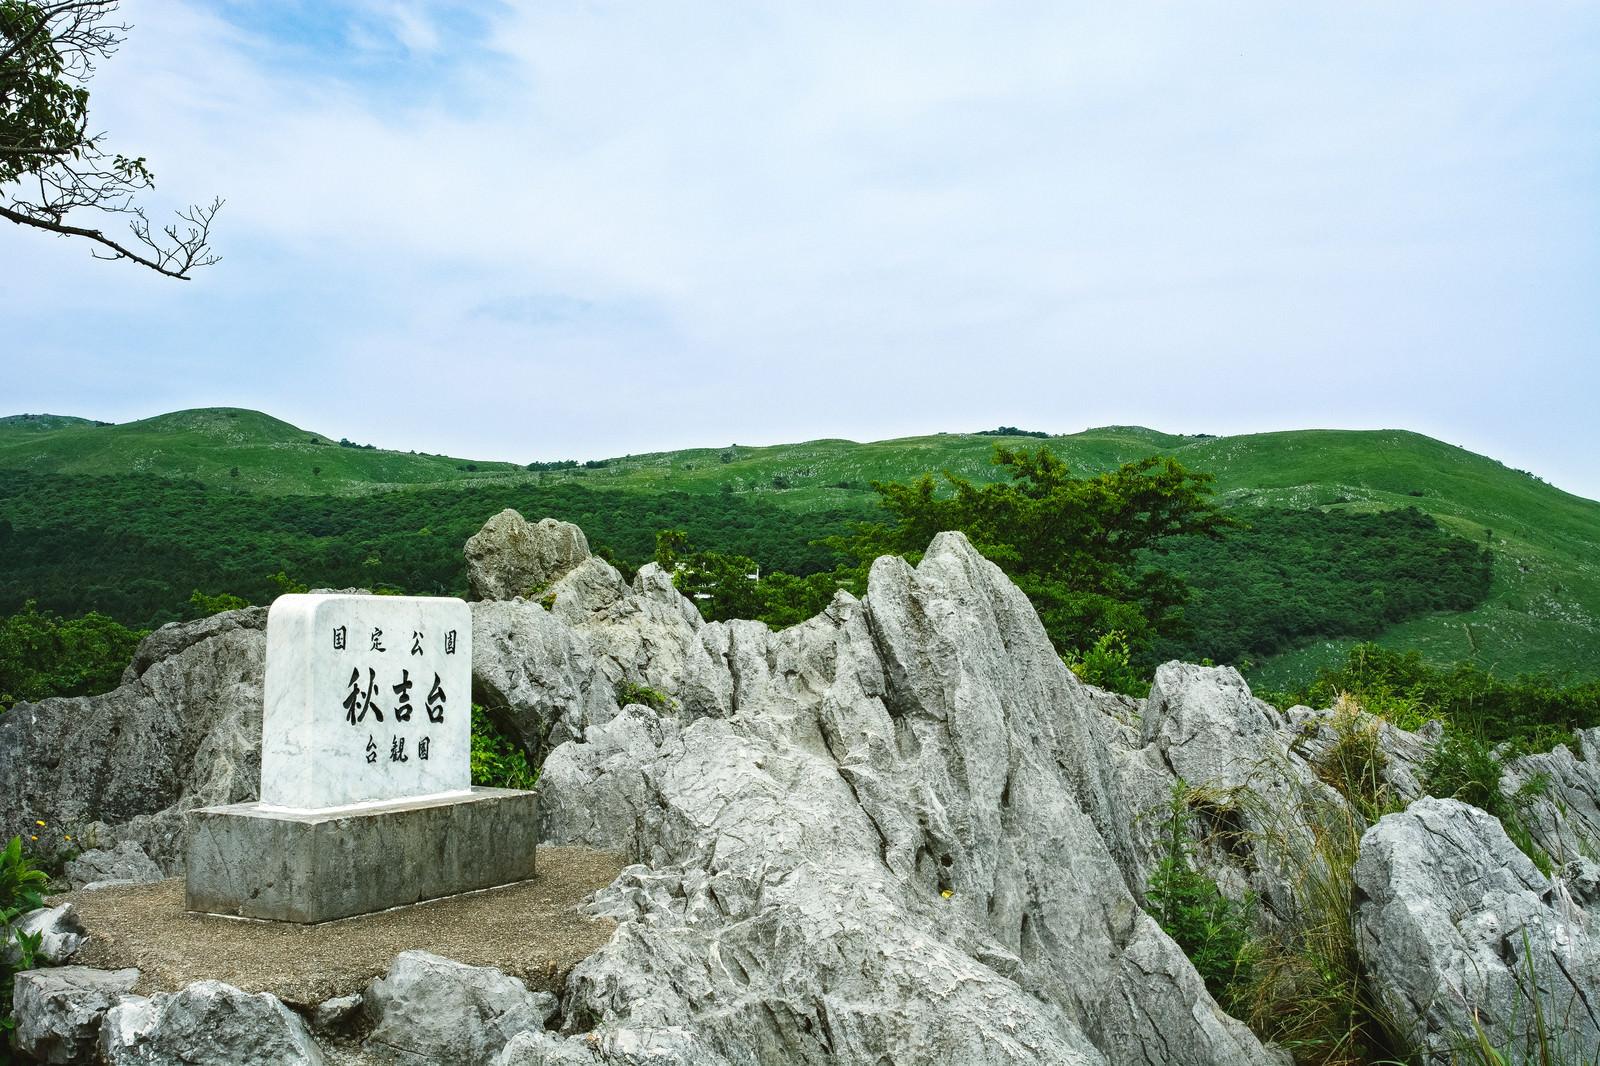 「国定公園秋吉台台観園の石碑(山口県美祢市)」の写真